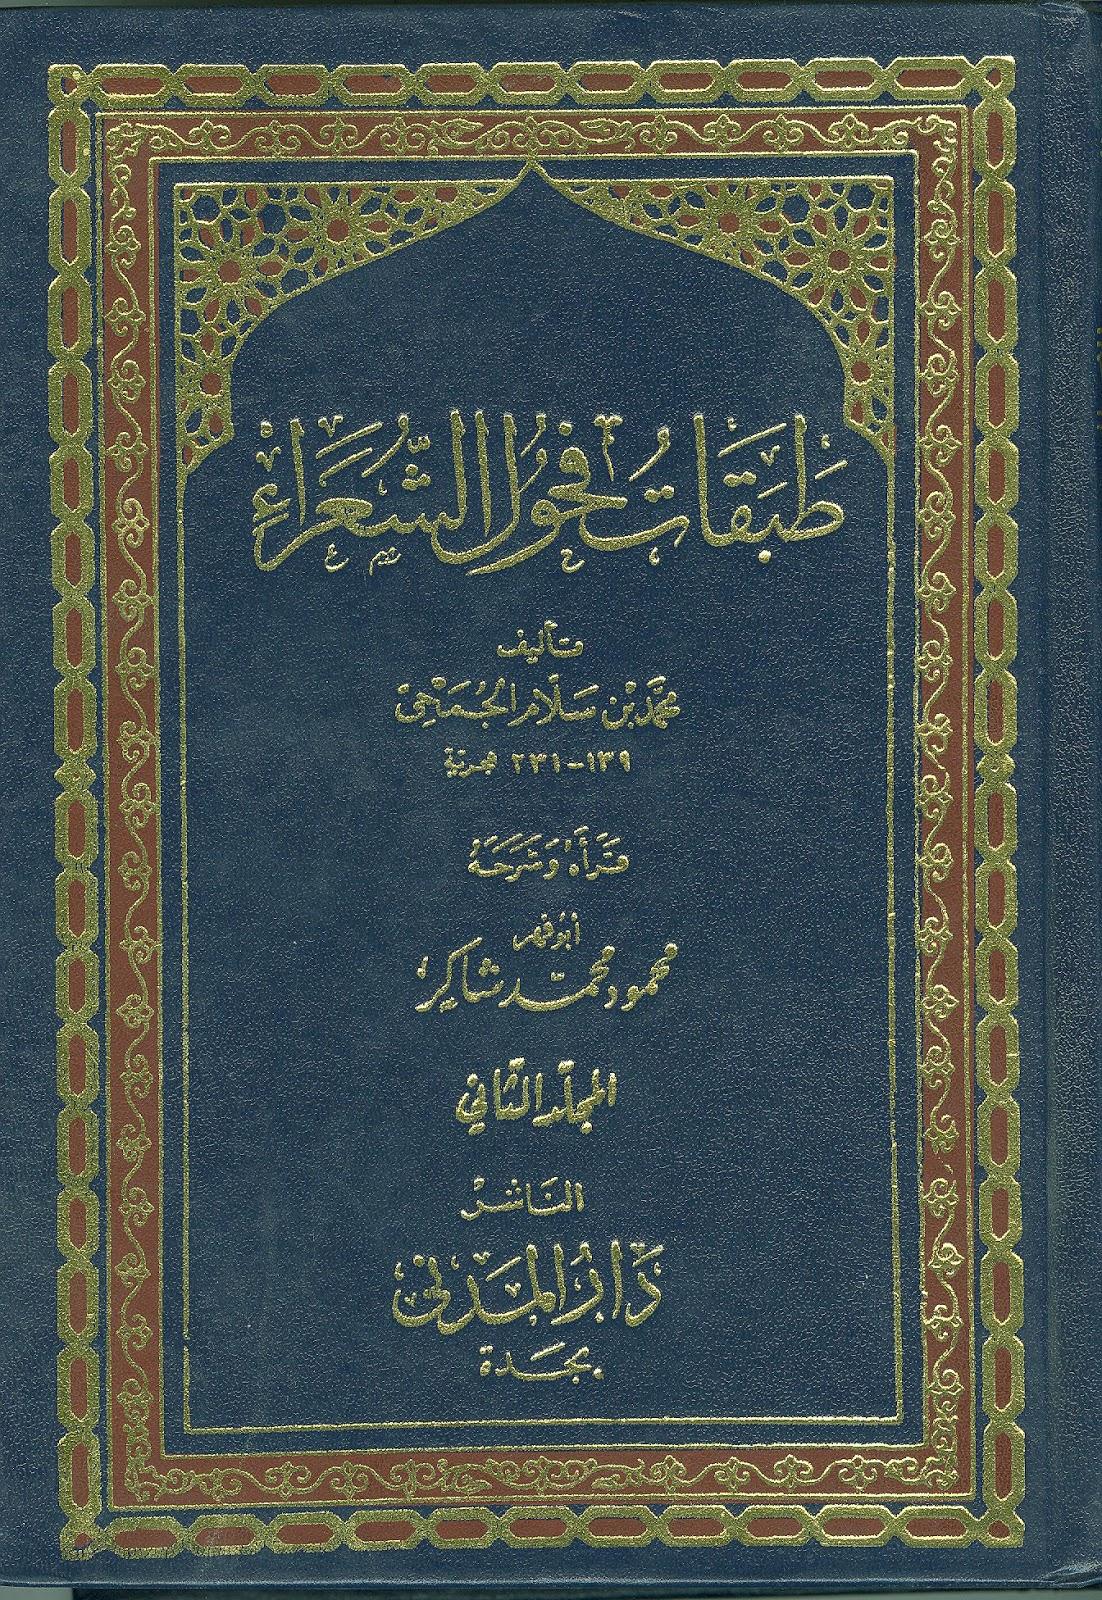 كتاب ابن سلام الجمحي pdf